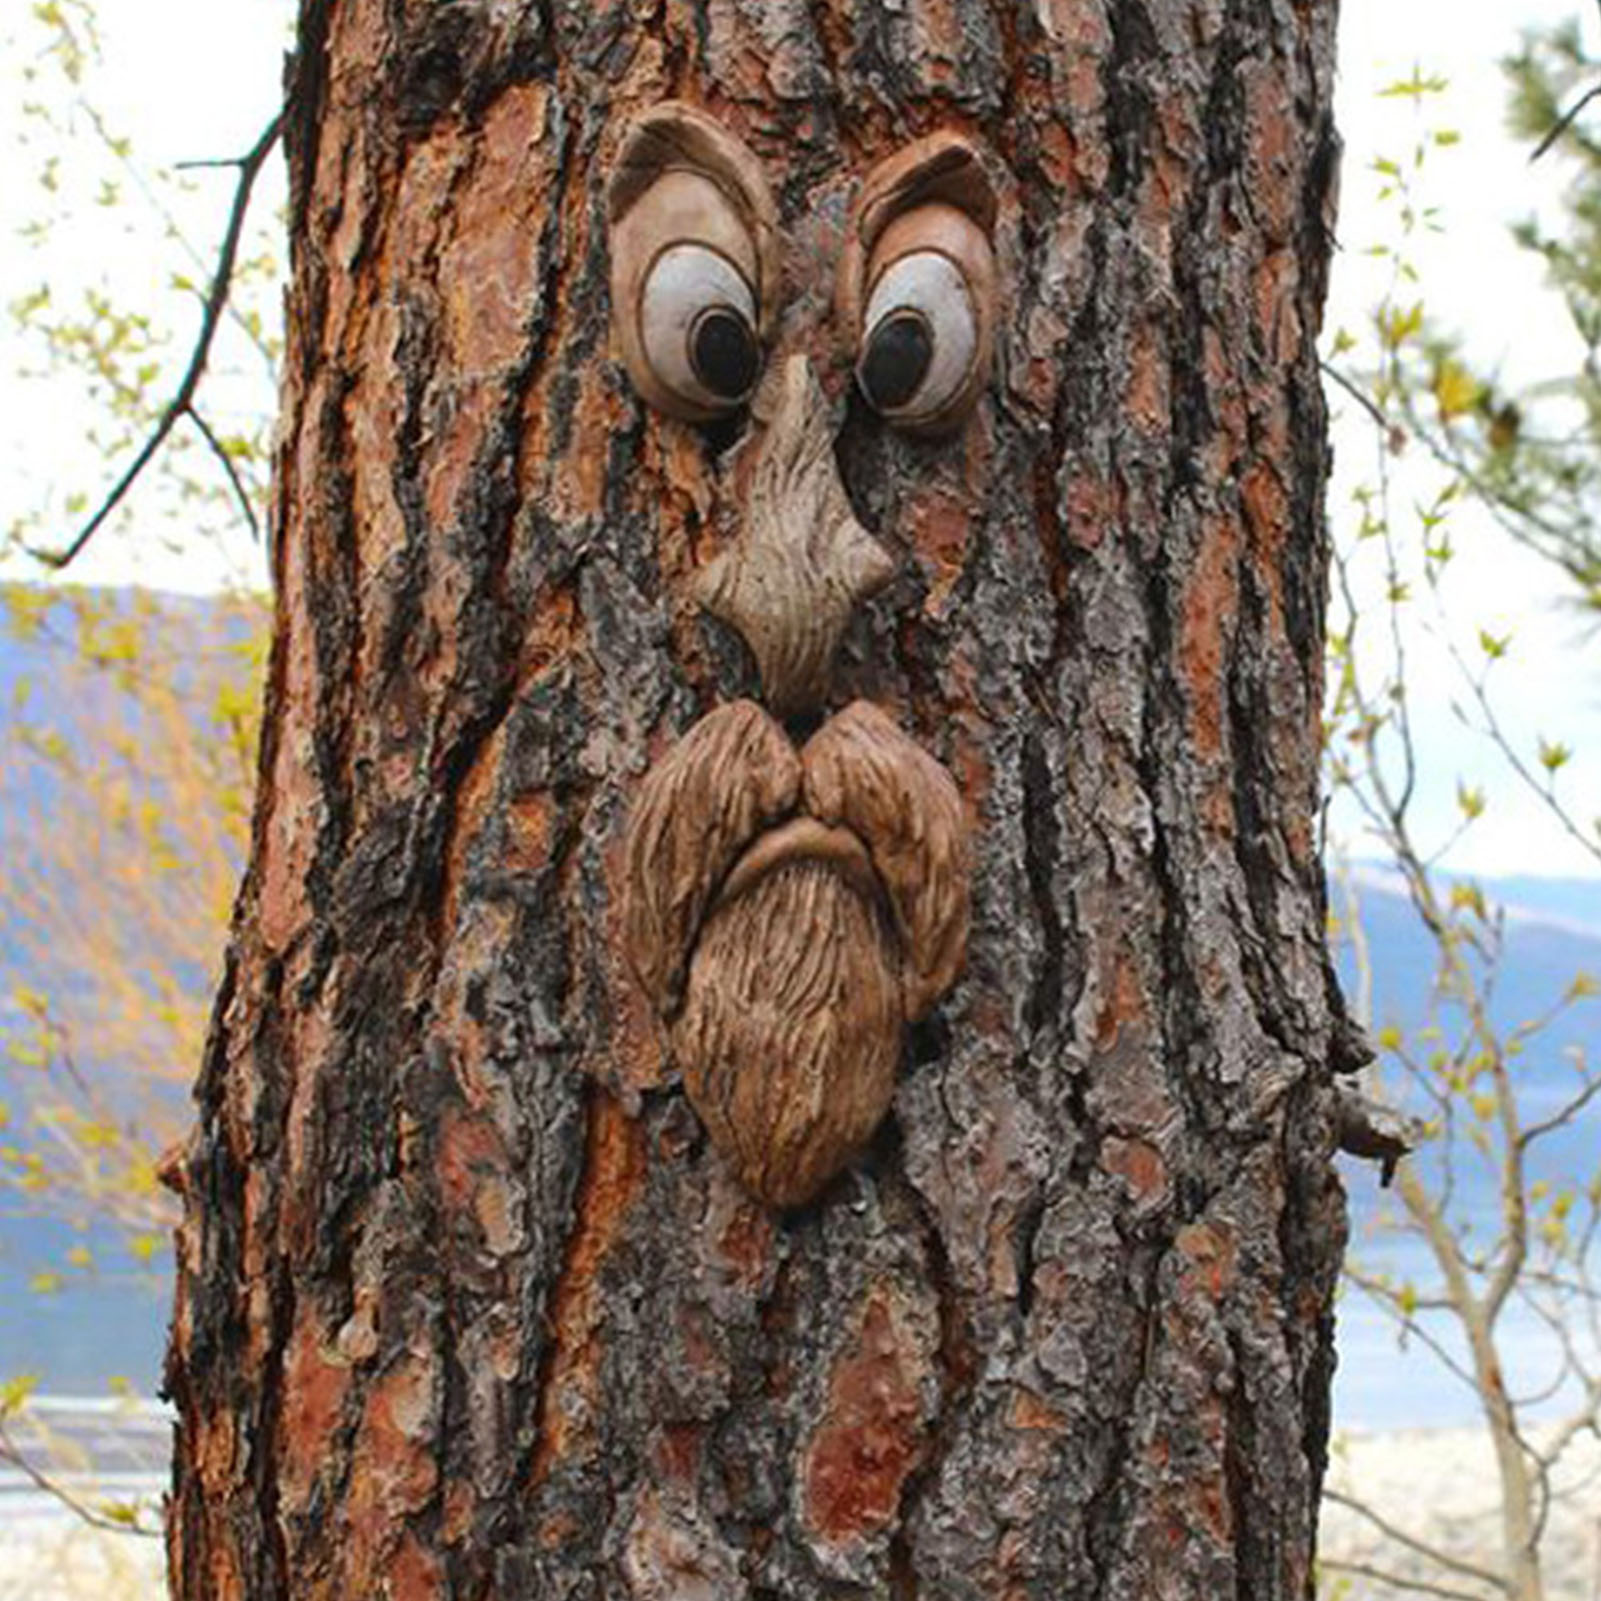 رجل عجوز شجرة هجر حديقة Peeker ساحة الفن في الهواء الطلق شجرة مضحك الرجل العجوز الوجه النحت غريب الأطوار شجرة الوجه حديقة الديكور